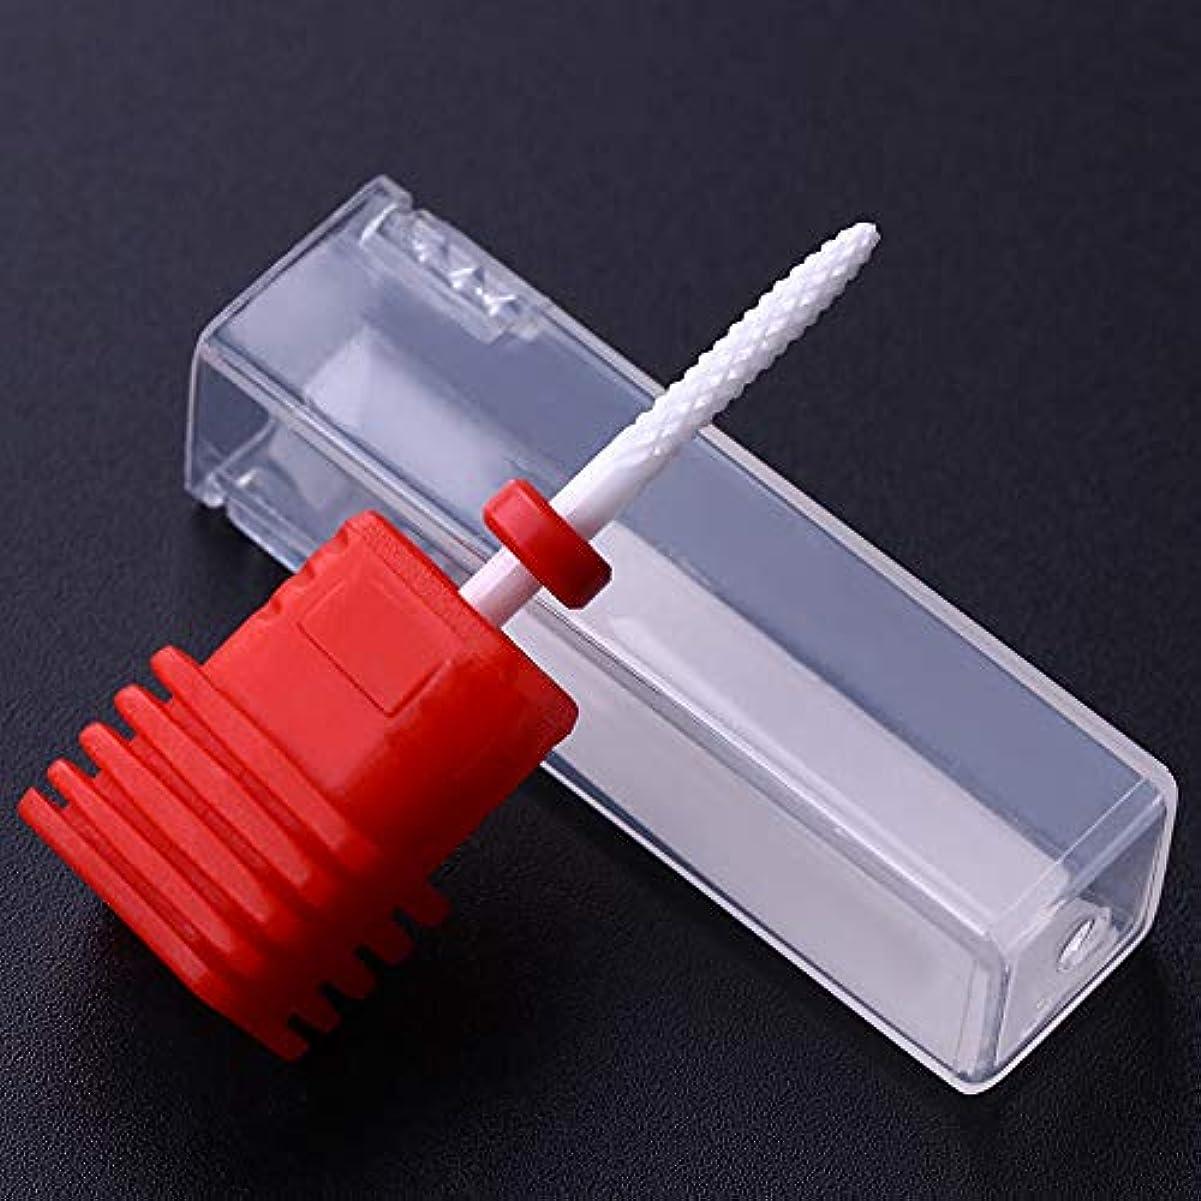 迷彩妊娠したテナントFidgetGear 電気釘のドリルのクリーニングビット3/32ファイル磨く格子マニキュアの下で 赤